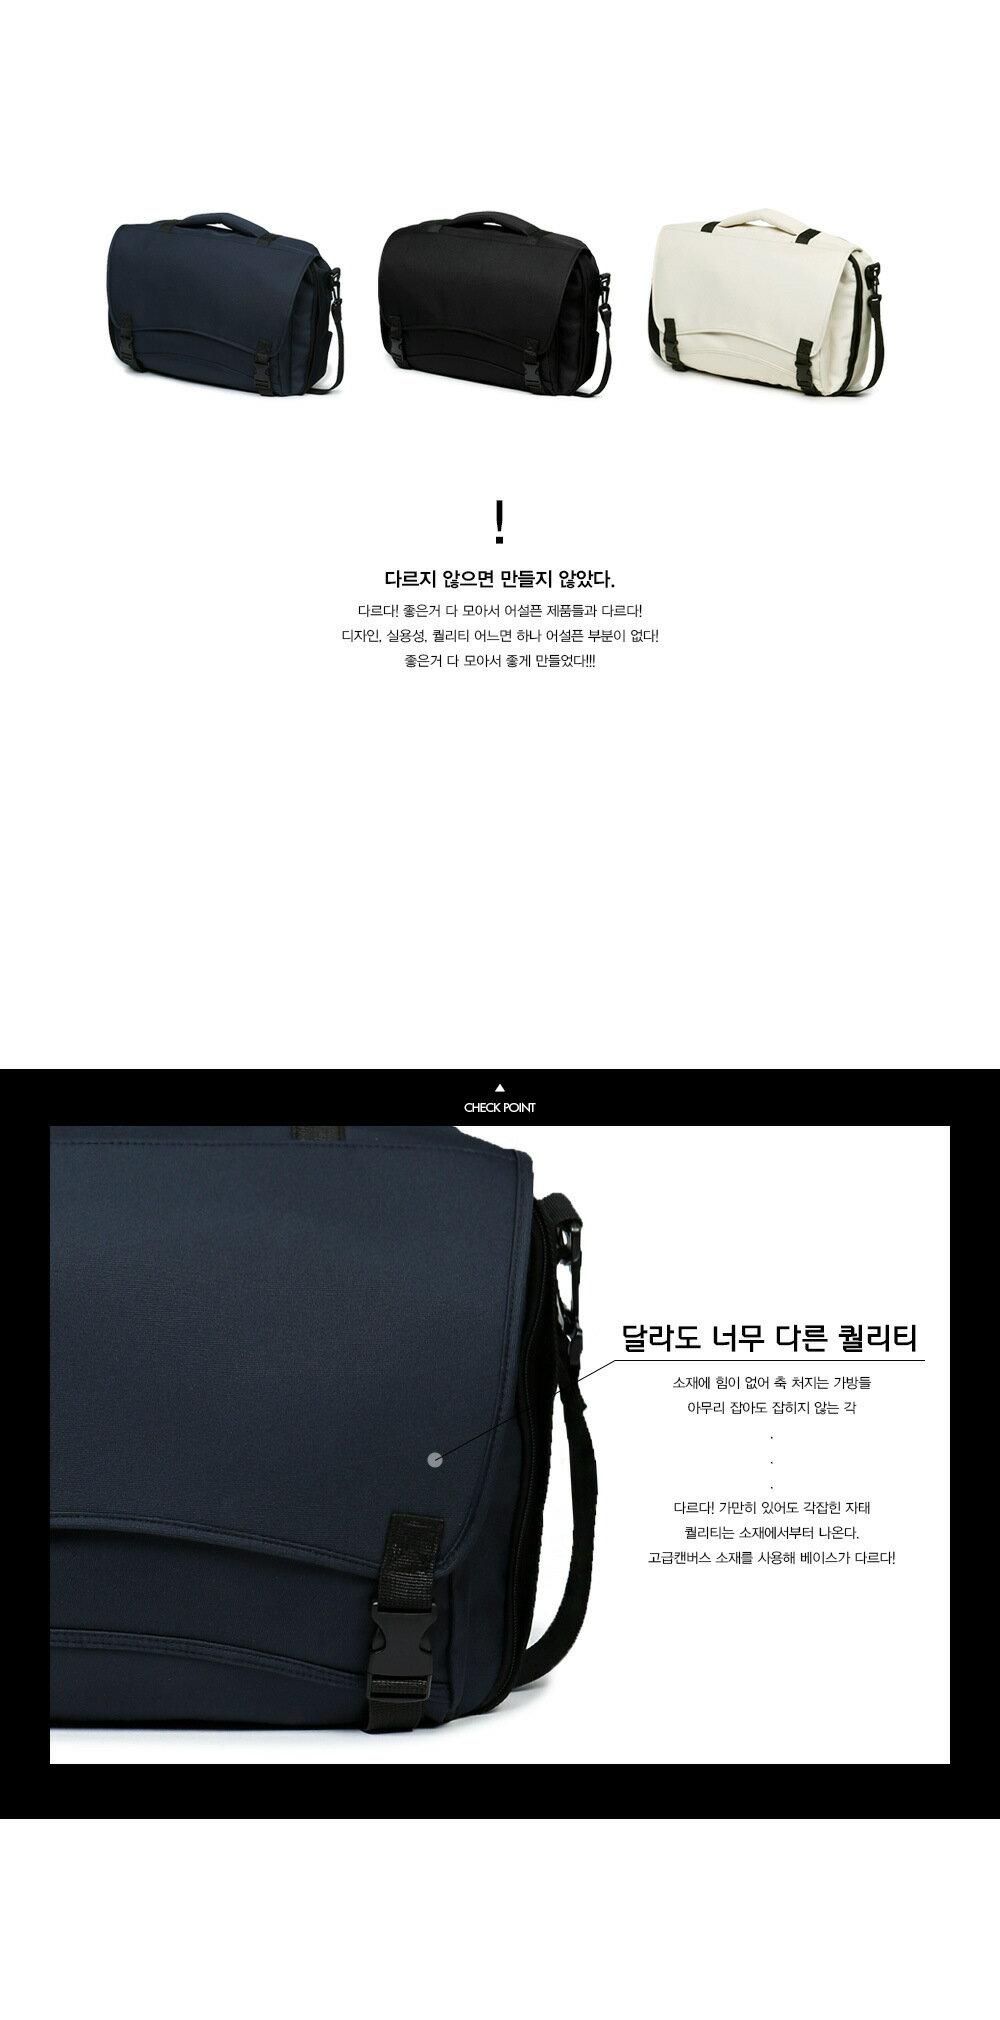 韓國4用包 後背 肩背 飛機包 託運包 功能筆電包 022-9729 5